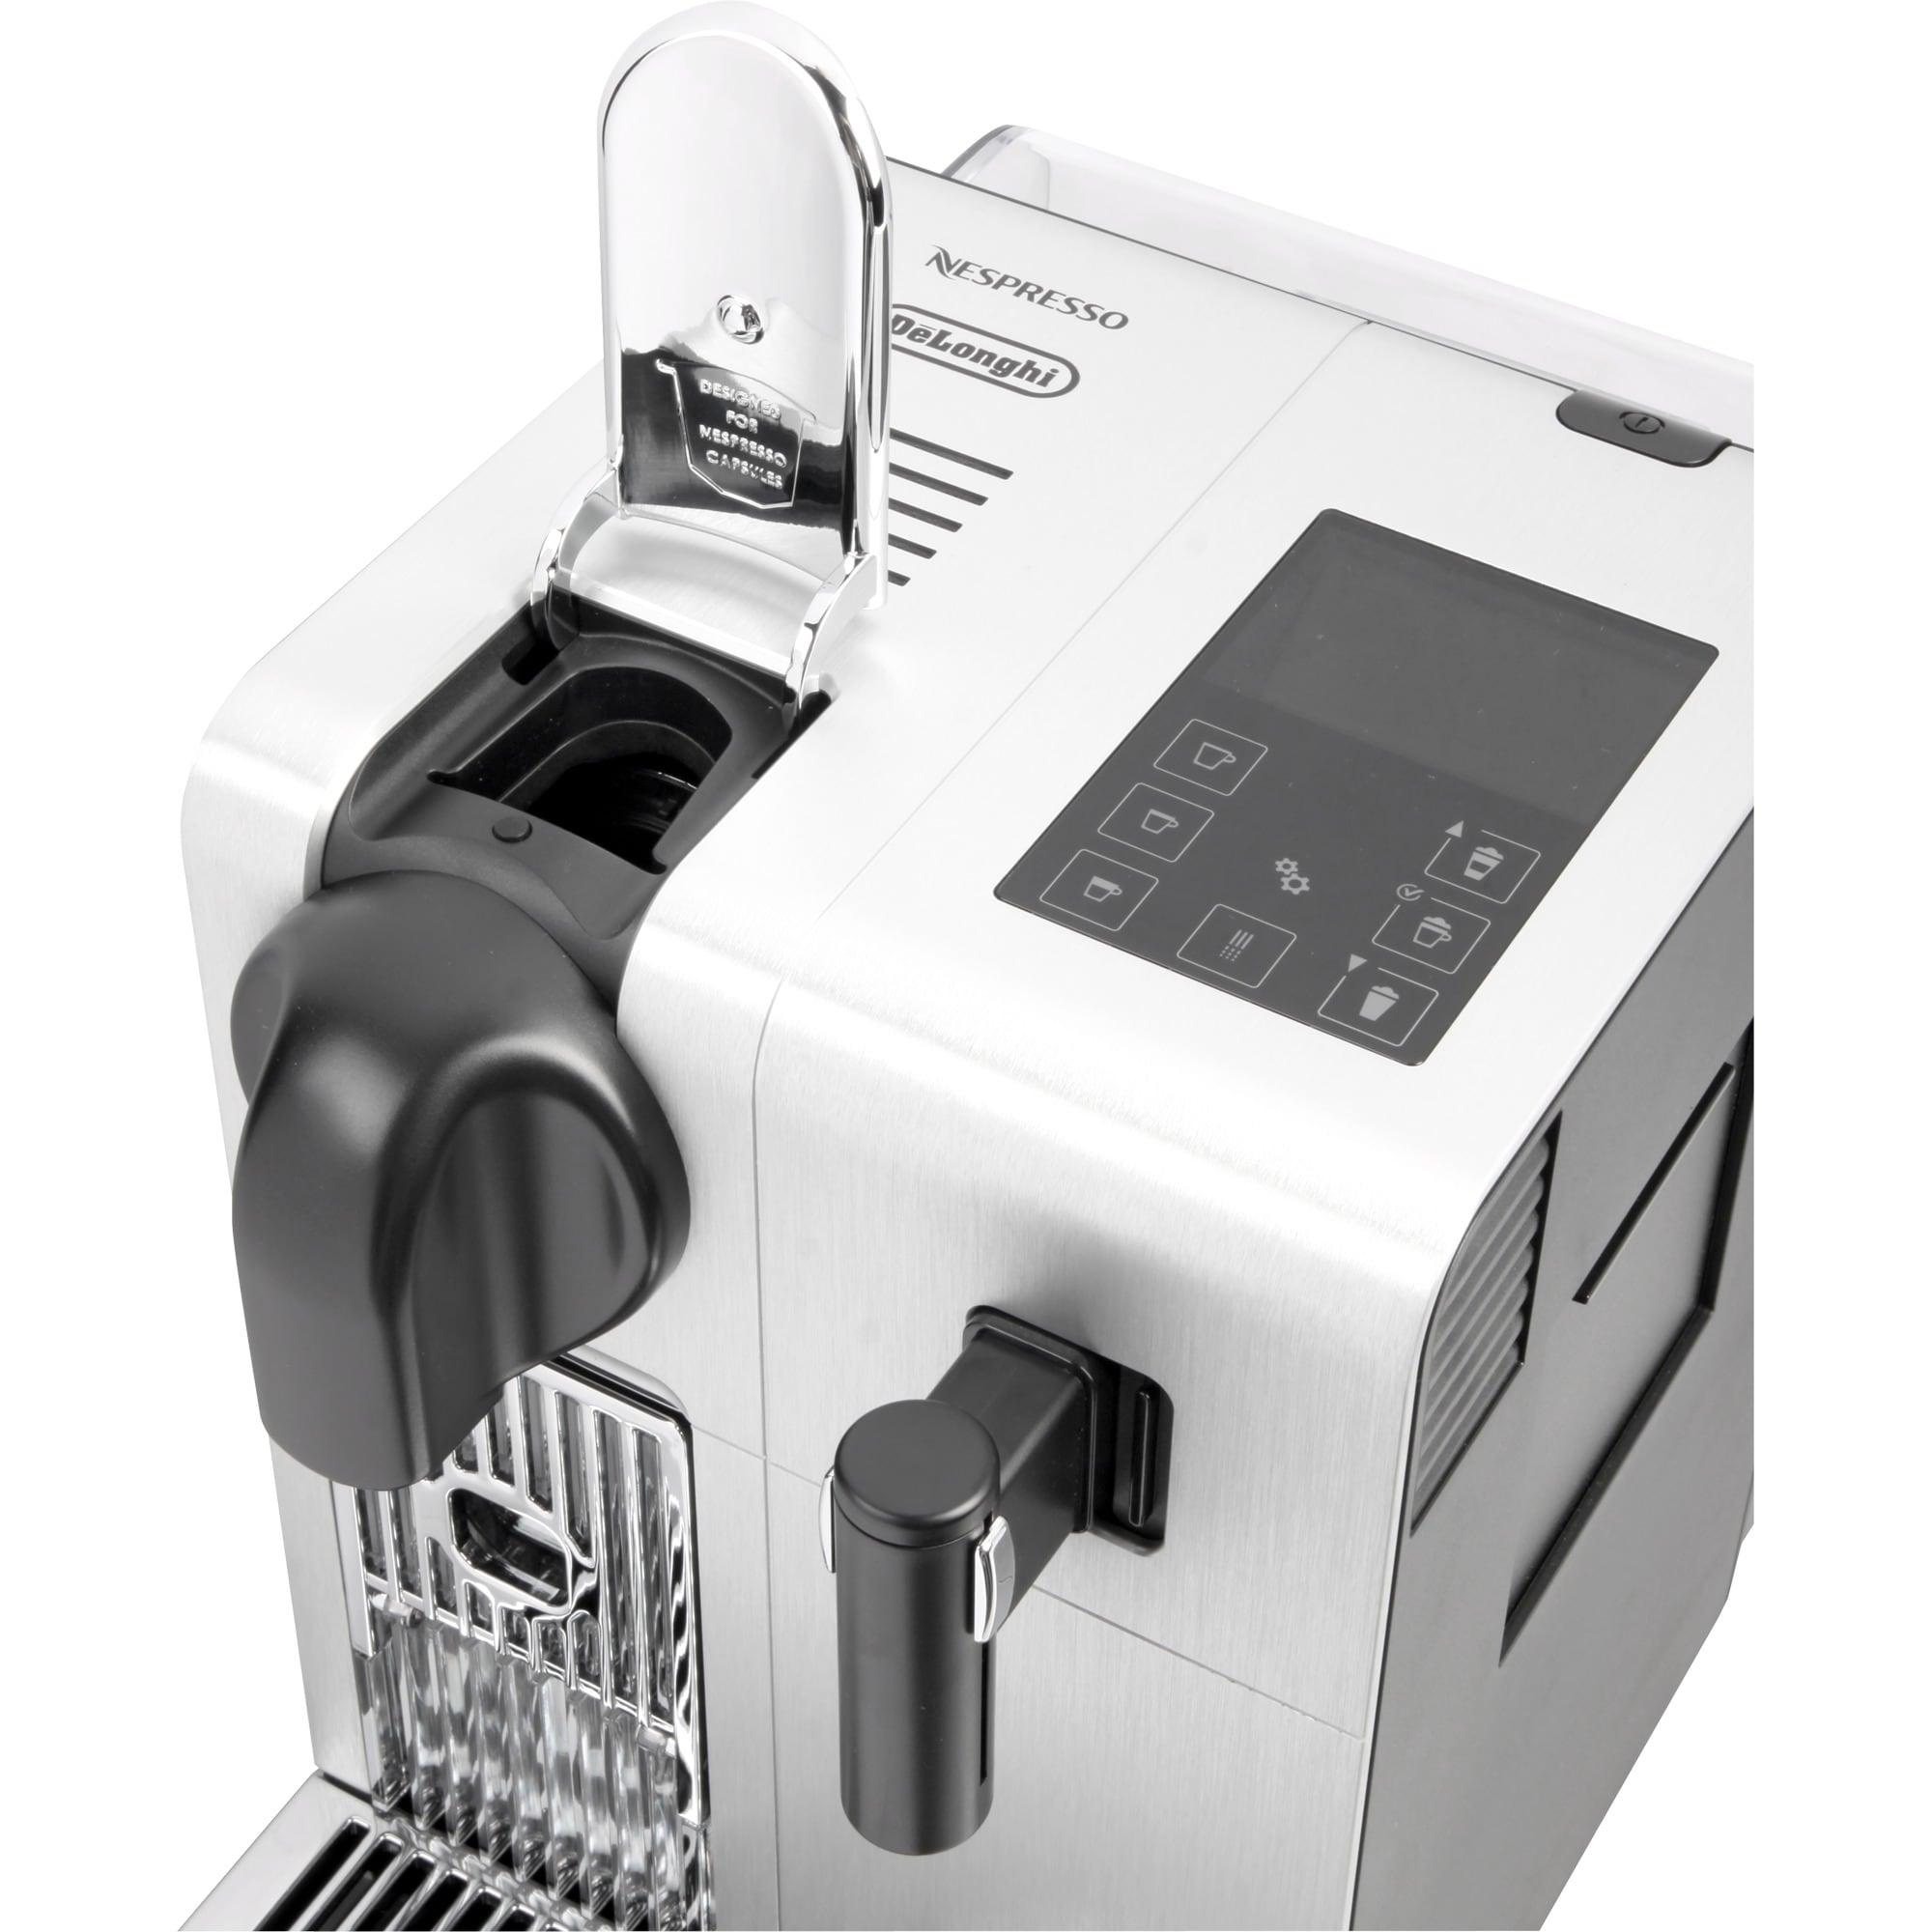 DeLonghi Kapselmaschine Nespresso Latissima EN750.MB aluminium-schwarz